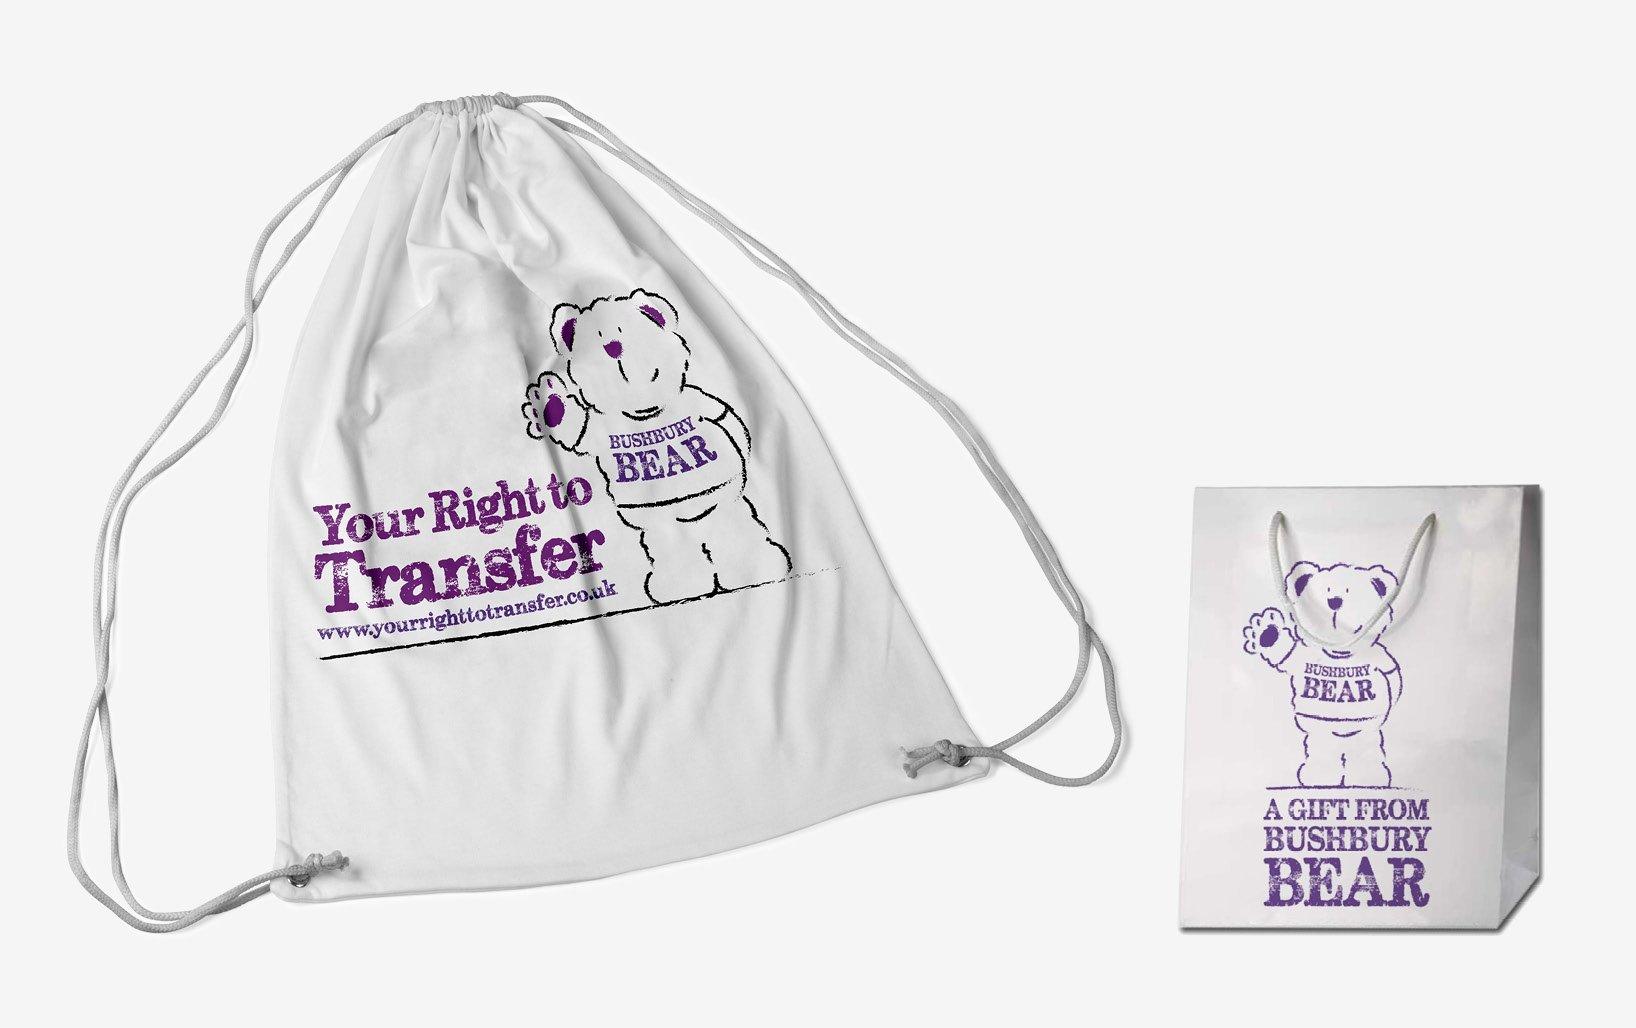 Bushbury promotional bag